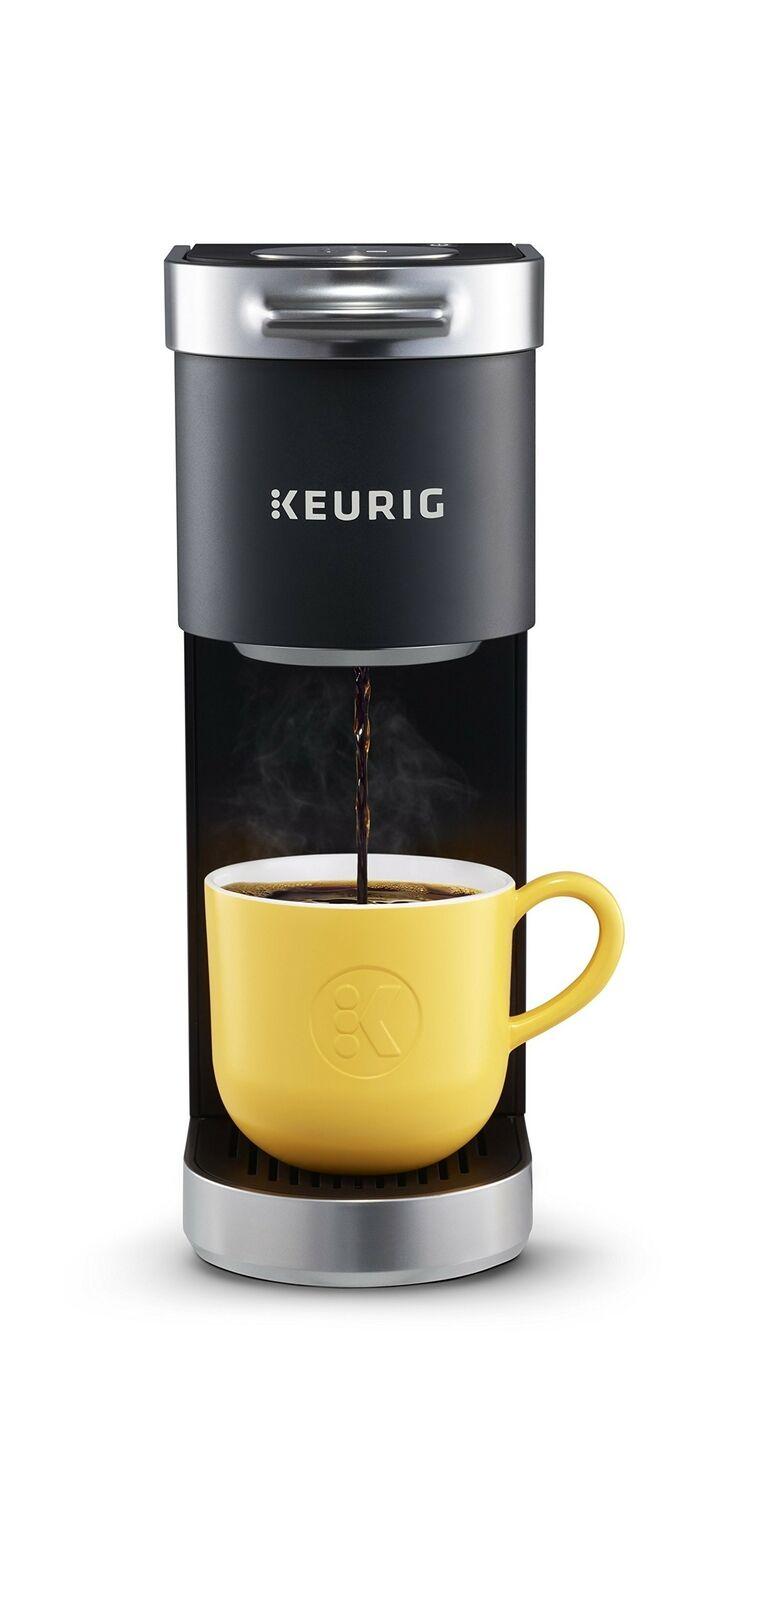 Keurig K-Mini Plus simple servir K-Coupe Pod Cafetière, avec 6 To 12 oz (environ 340.19 g) Brew S....